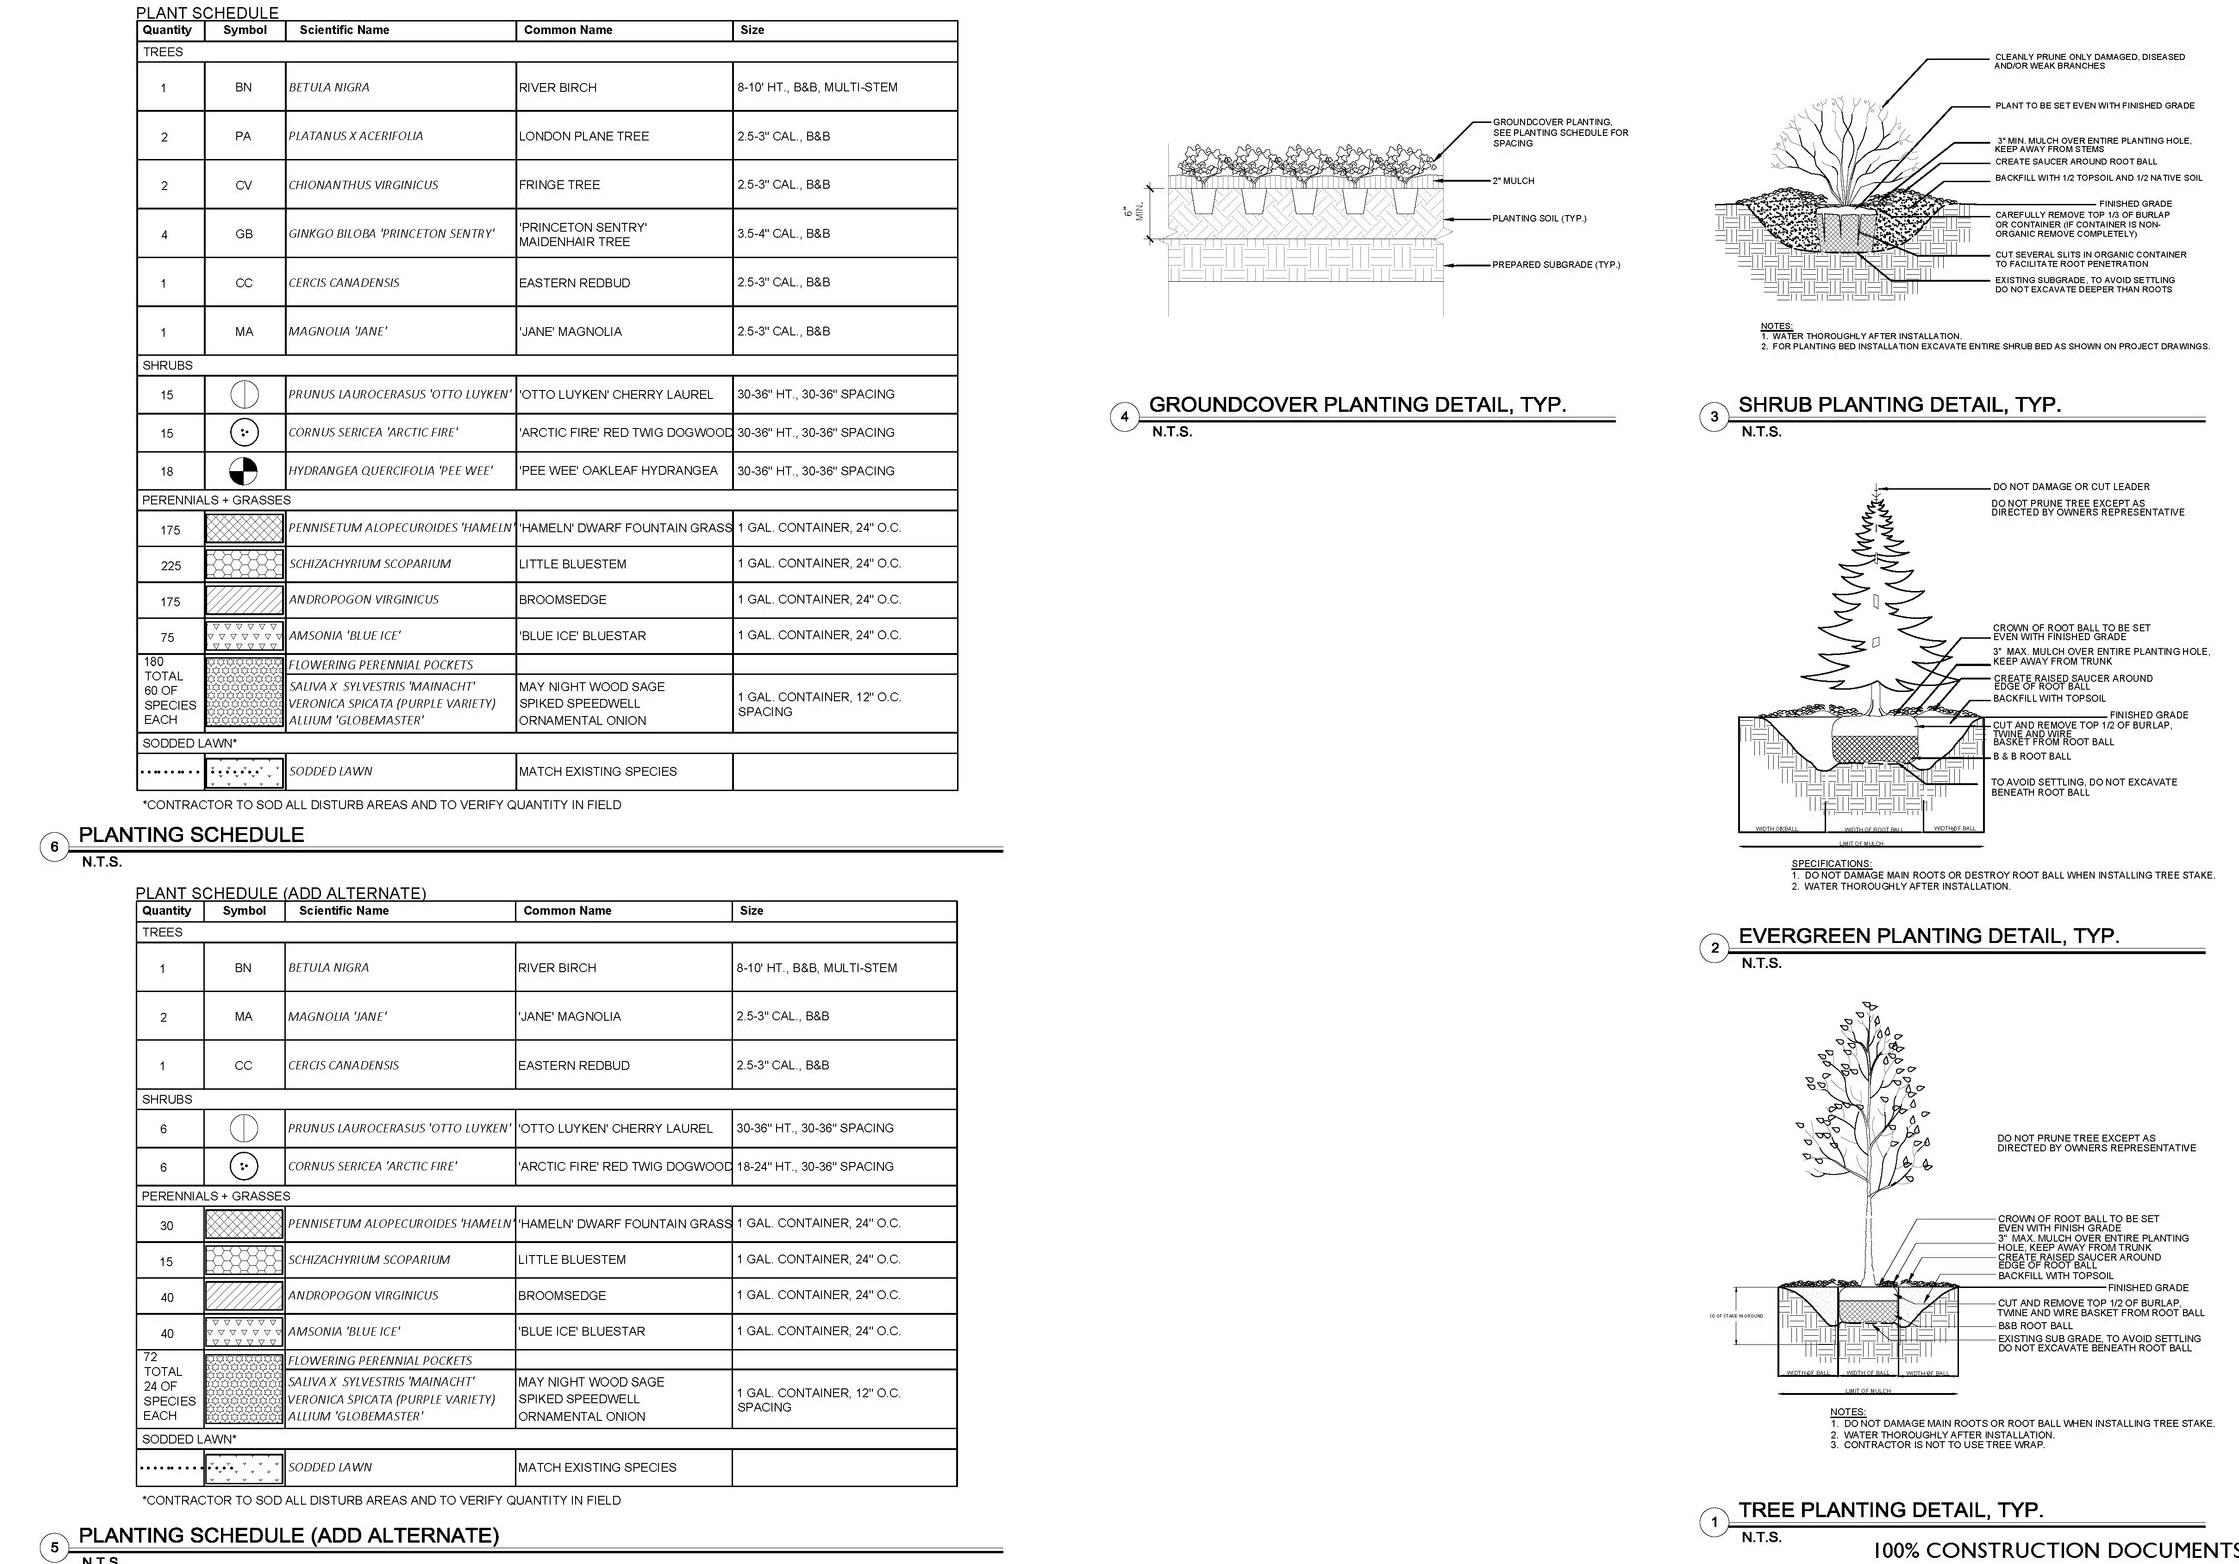 10-VALLEY-STEAM-PKWY-SET-100CDS-20171228_Page_9.jpg